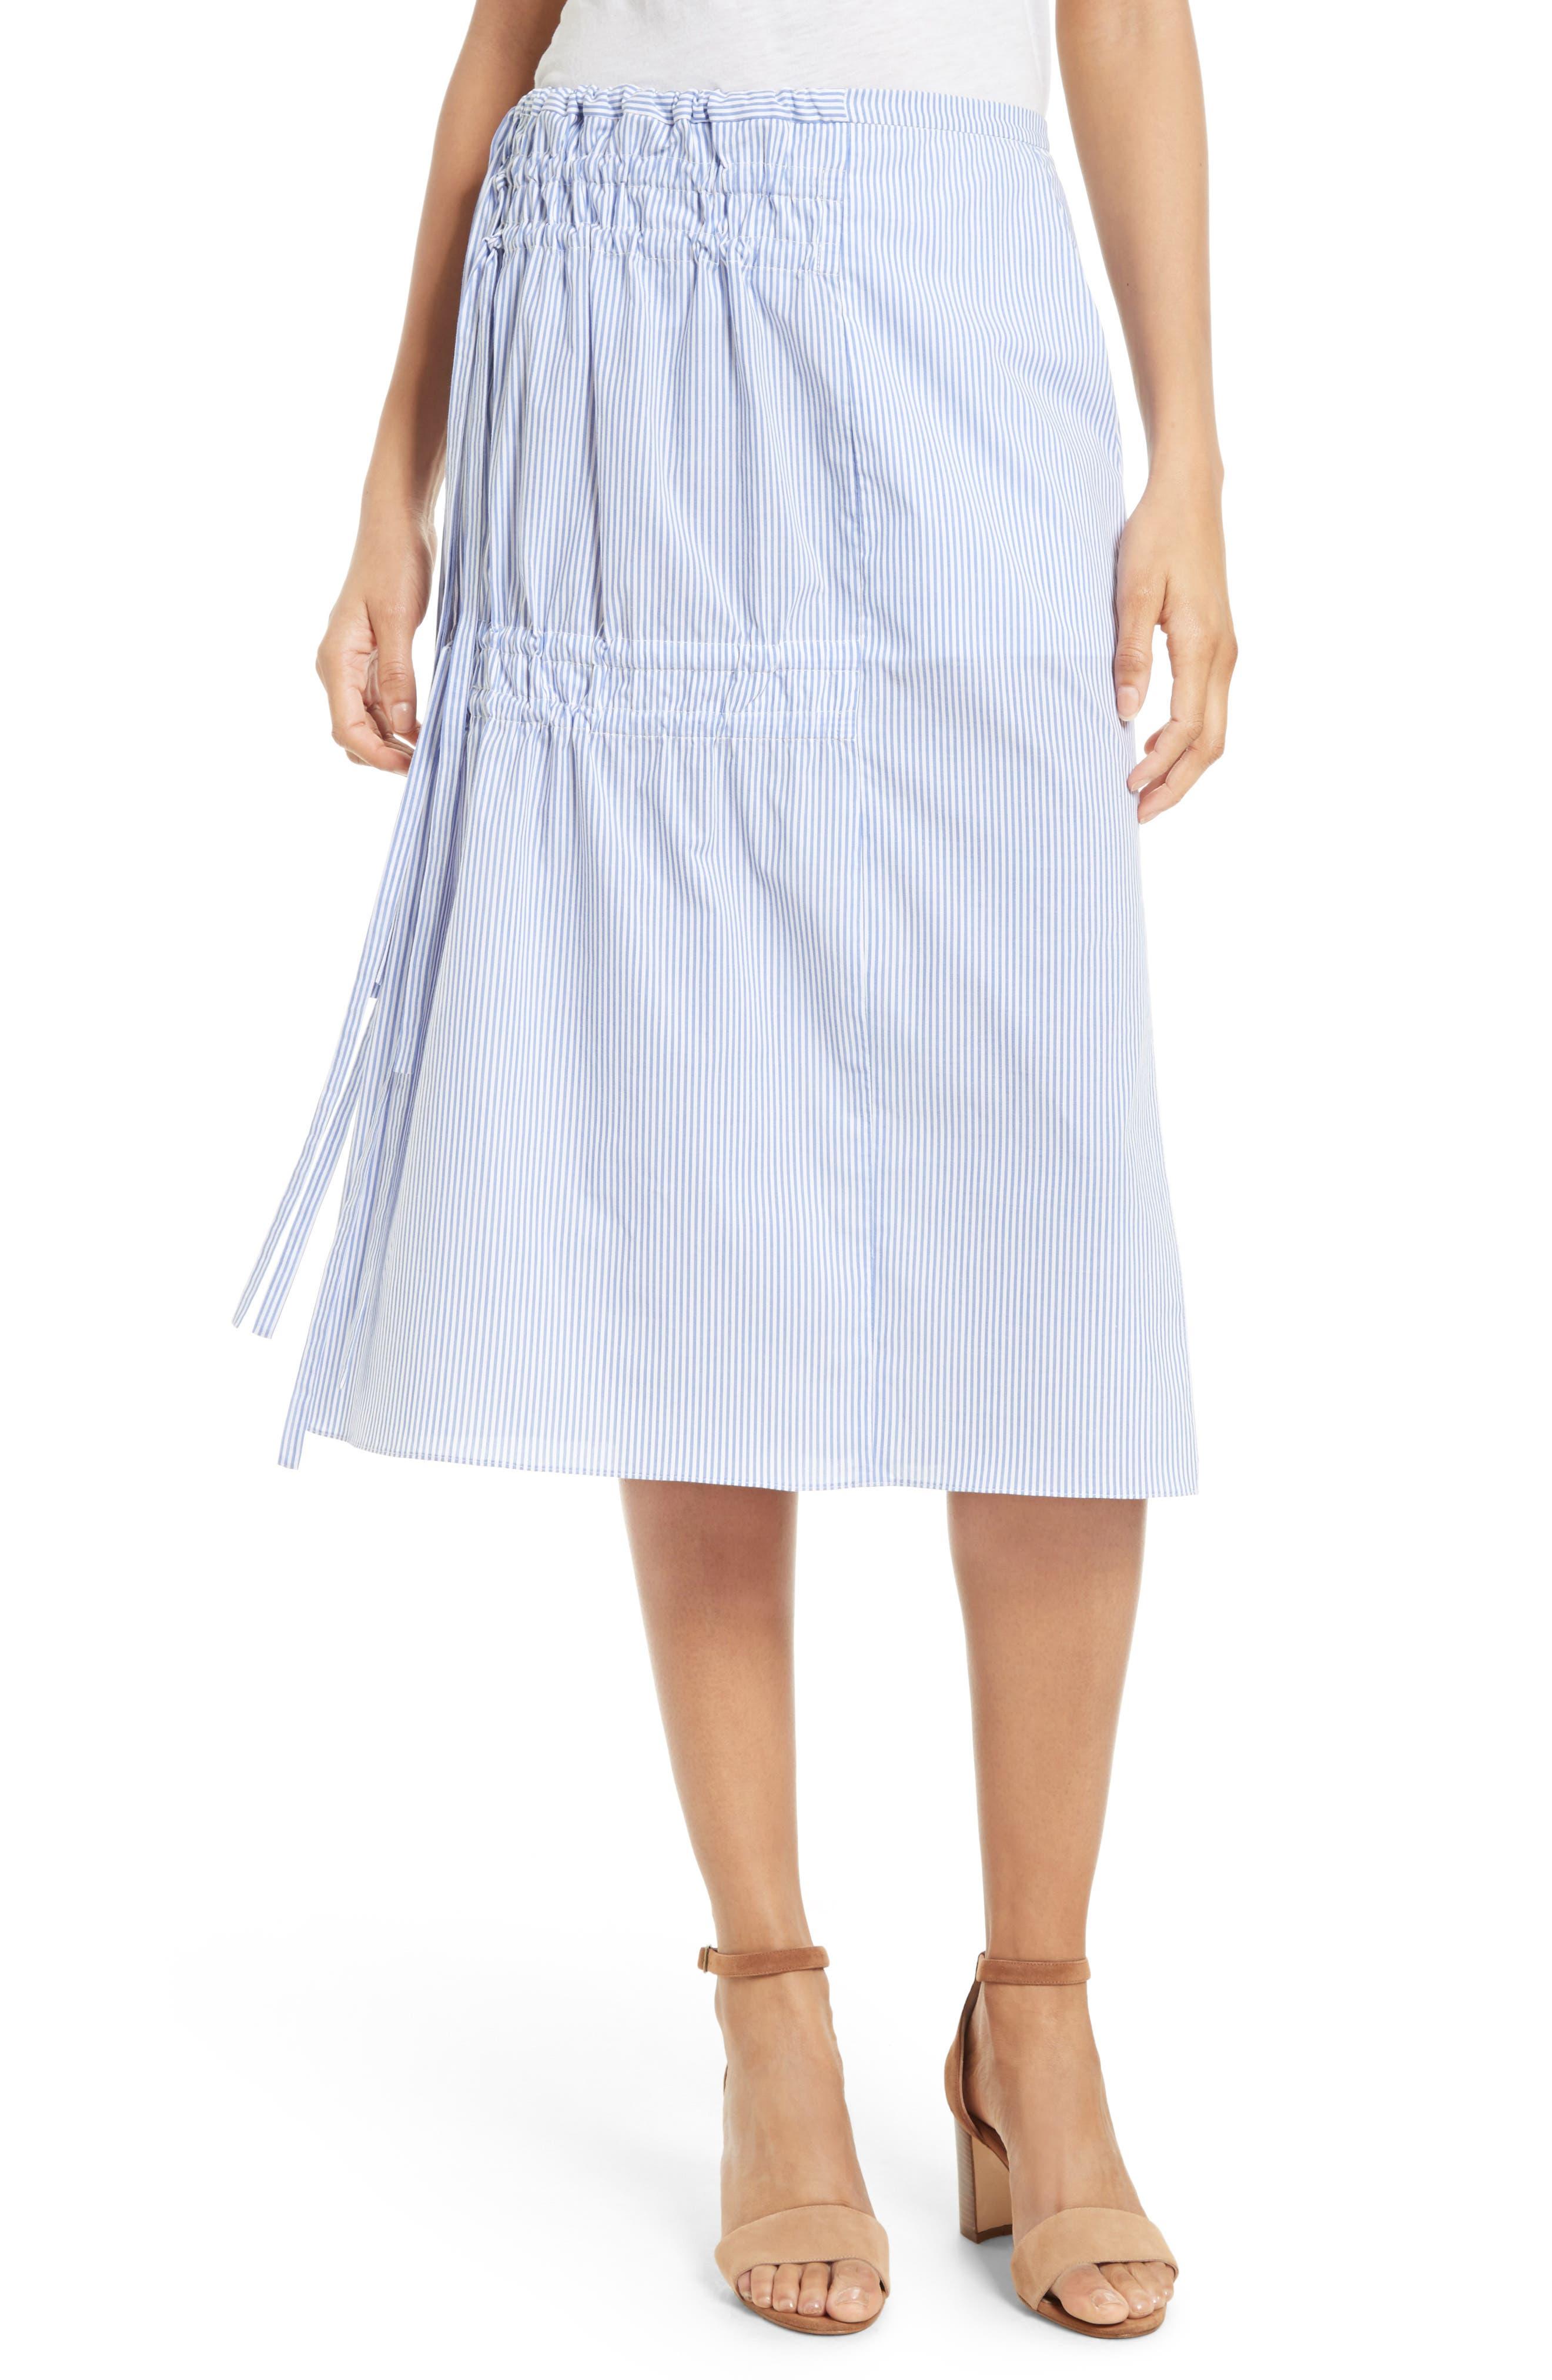 Alternate Image 1 Selected - Tibi Elliot Stripe Side Tie Skirt